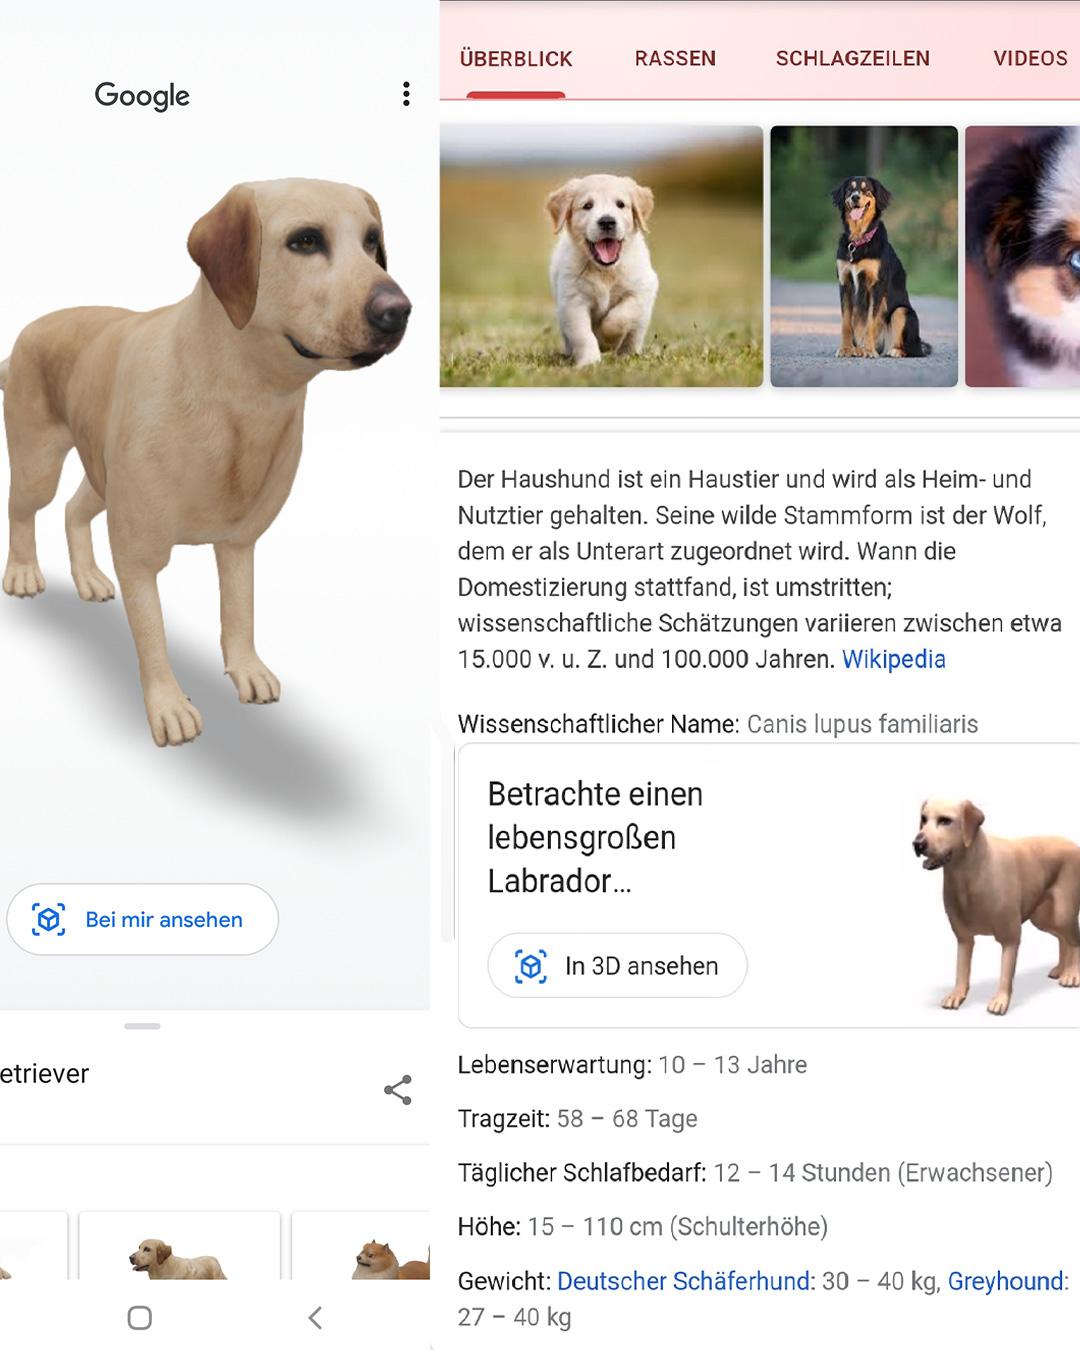 Google Suchergebnis zum Begriff Hund